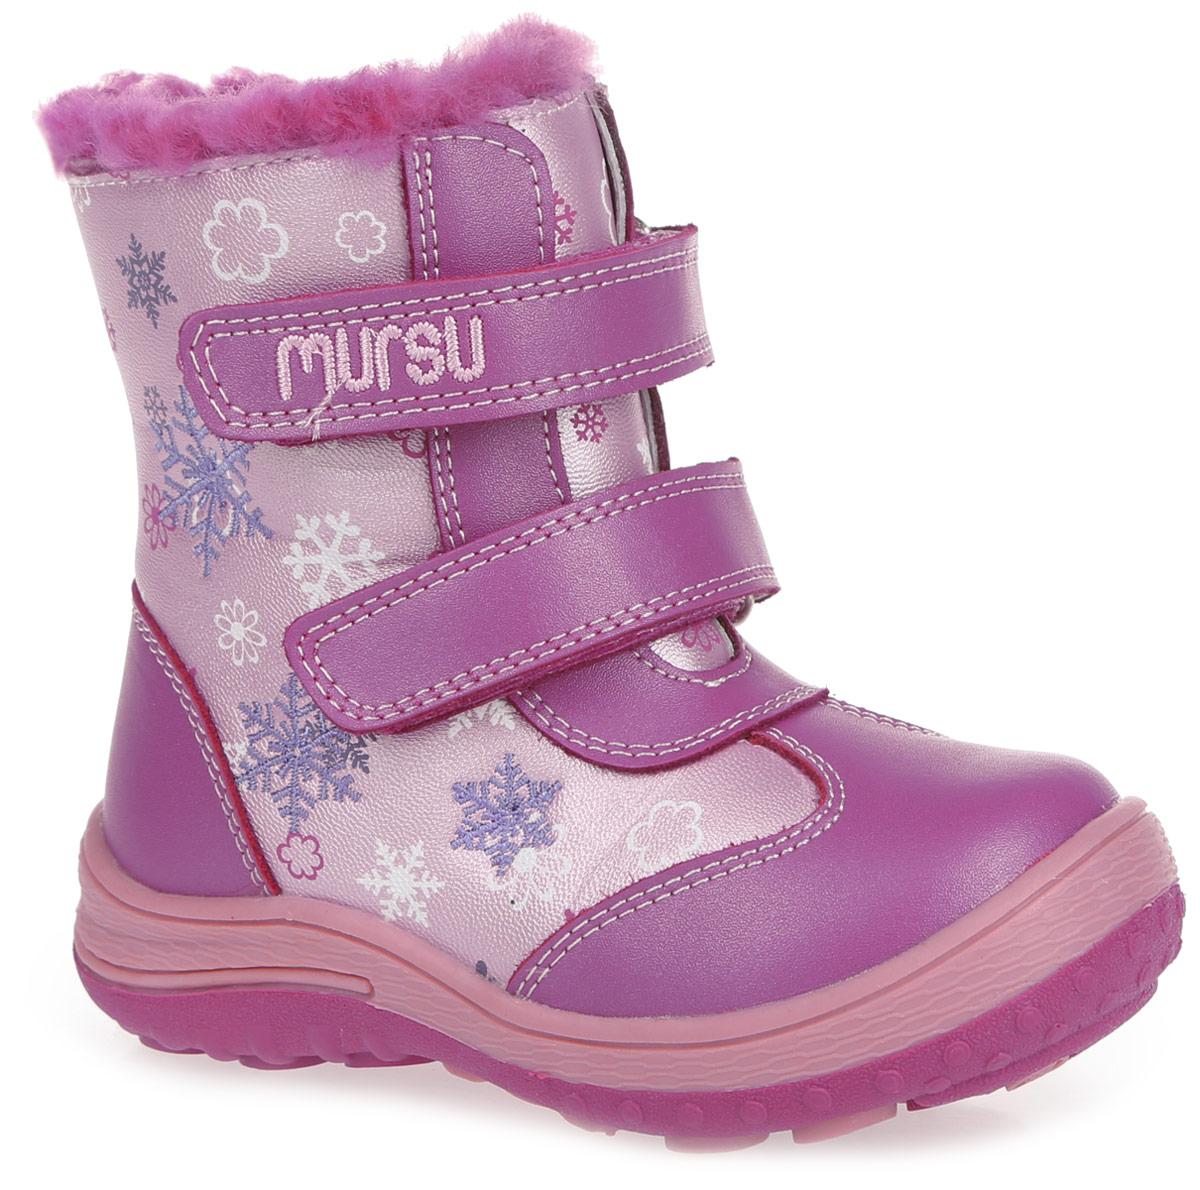 200609Модные зимние сапоги от Mursu приведут в восторг вашу девочку! Модель выполнена из натуральной и искусственной кожи. Обувь оформлена контрастной прострочкой, оригинальным принтом, а также вышивкой в виде снежинок. Два ремешка на застежках-липучках, один из которых украшен вышитой надписью с названием бренда, надежно фиксируют изделие на ноге. Боковая застежка-молния позволяет легко обувать и снимать ботинки. Подкладка и стелька из шерстяного меха согреют ножки вашей малышки в холод. Подошва с протектором обеспечивает идеальное сцепление с любыми поверхностями. Стильные сапоги покорят вашу дочурку с первого взгляда!